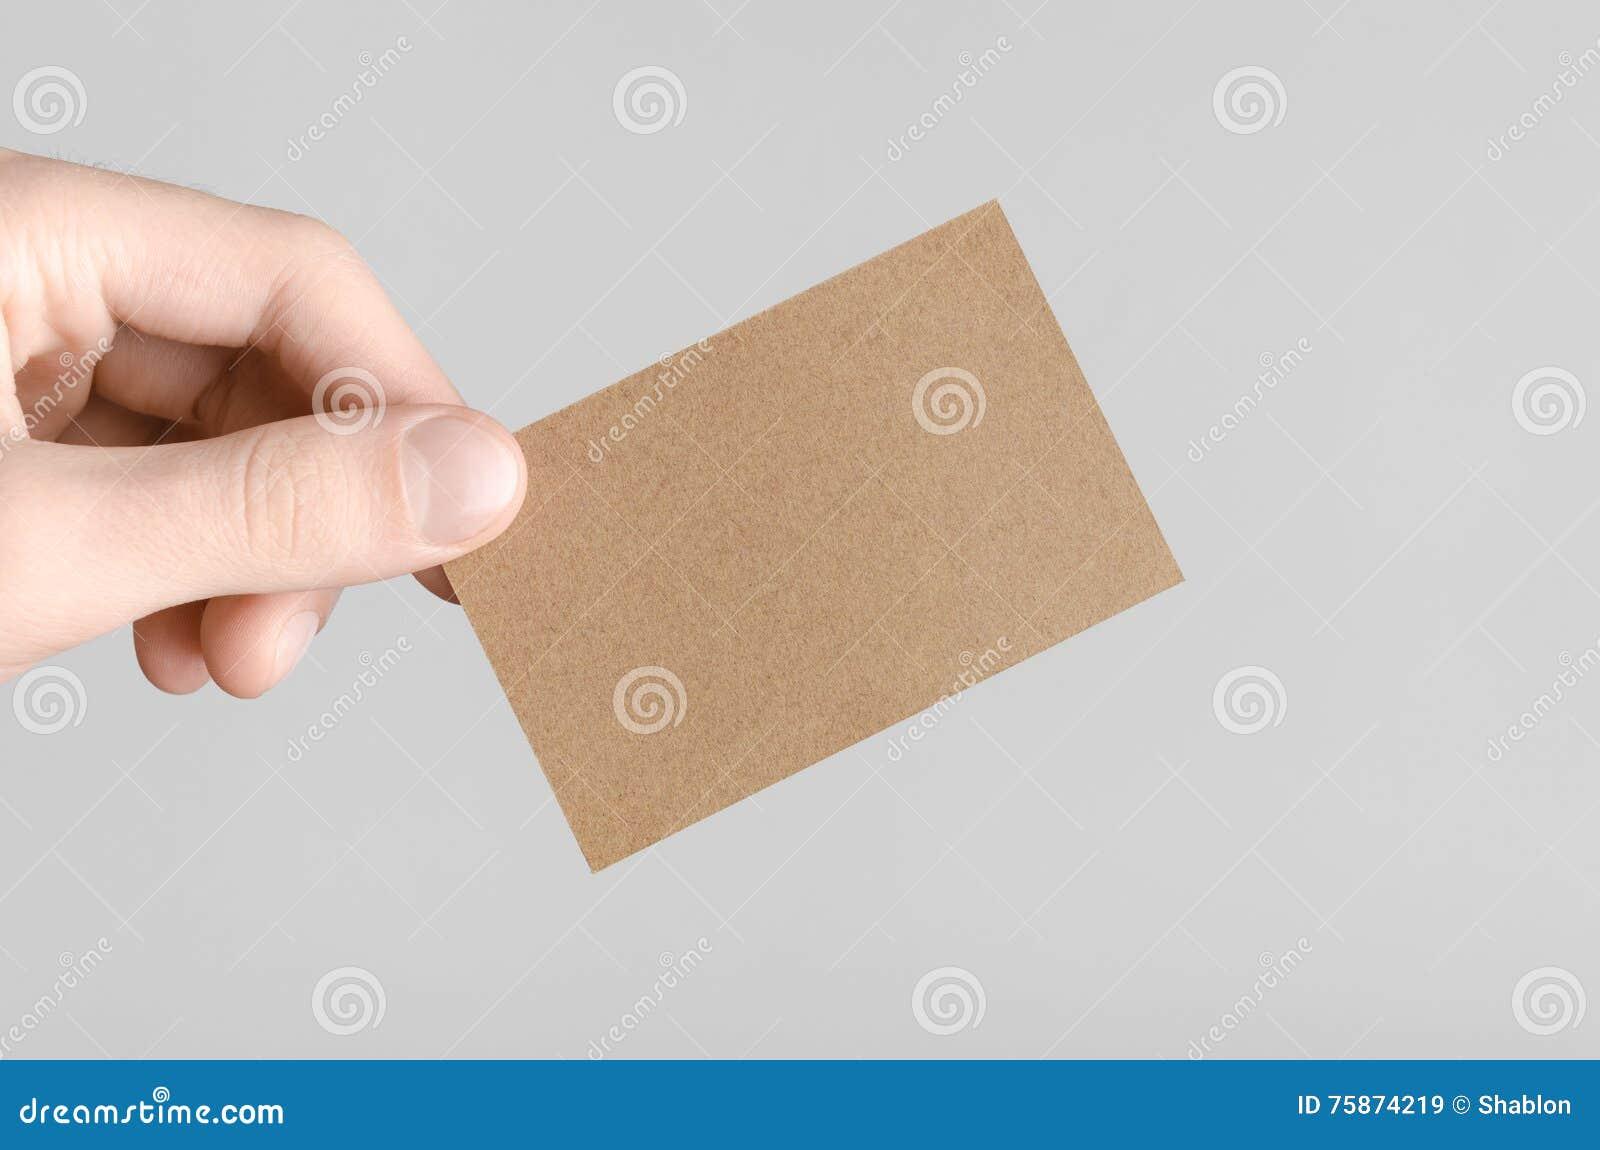 Mains Masculines Tenant Des Cartes De Papier Demballage Sur Un Fond Gris